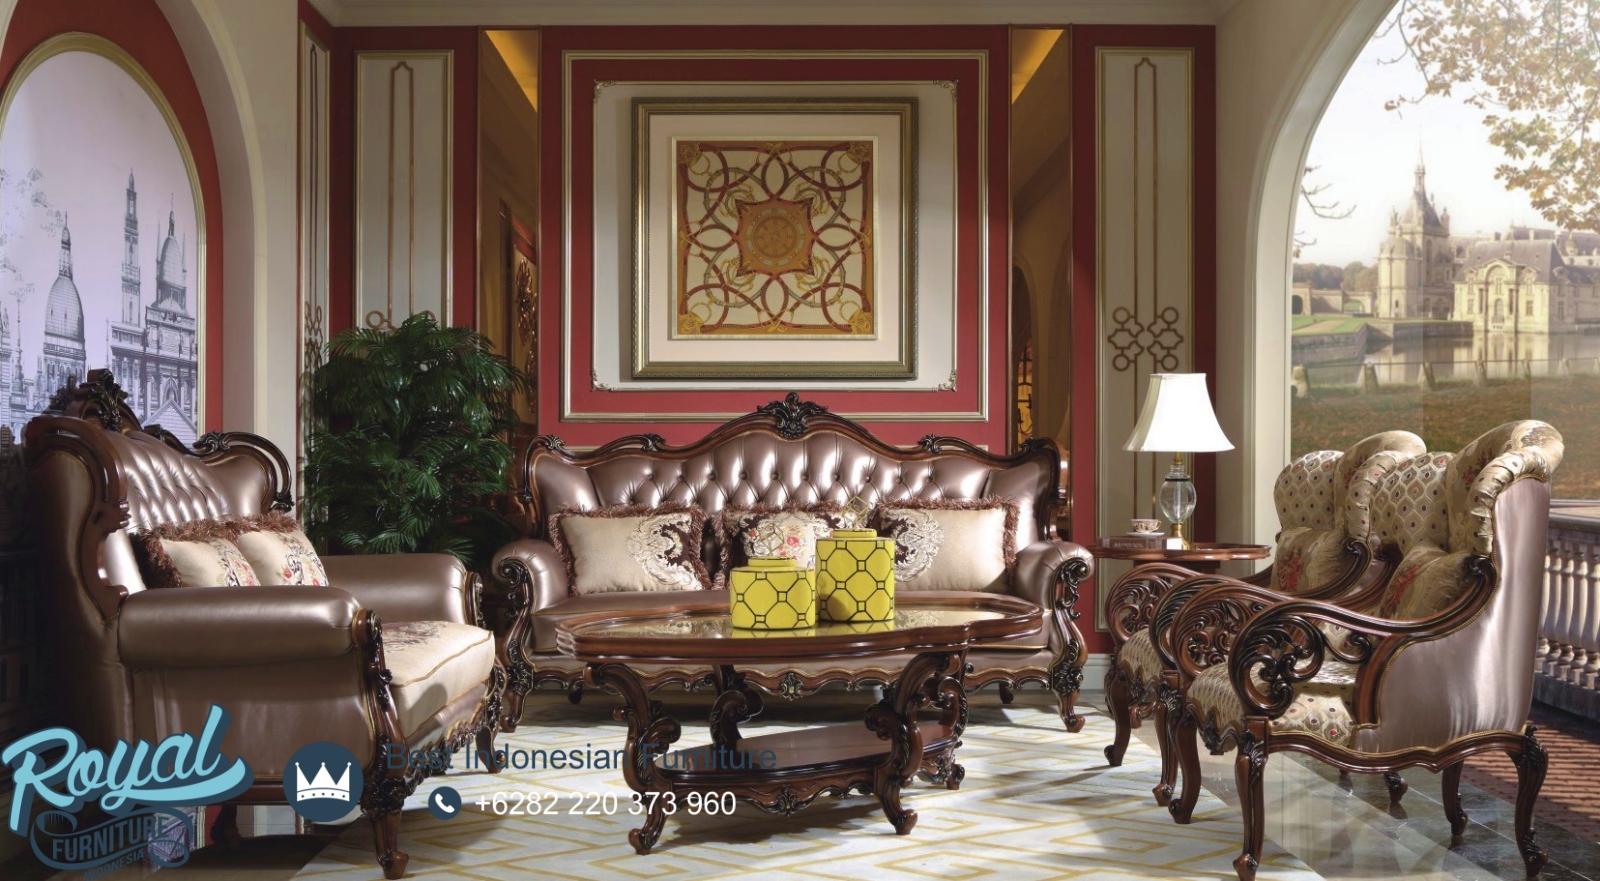 Set Sofa Tamu Ukir Jepara Berlin Suite, sofa tamu klasik eropa, sofa tamu jati ukir, sofa tamu jepara mewah, kursi tamu mewah jati terbaru, sofa jati minimalis modern, sofa jati mewah, kursi tamu mewah jati jepara, kursi jati mewah terbaru, sofa jati minimalis terbaru, harga kursi tamu mewah, sofa tamu jepara, sofa tamu mewah, sofa tamu klasik, sofa tamu modern, jual sofa tamu jati jepara, sofa ruang tamu luas dan mewah, model sofa tamu jepara terbaru, gambar kursi tamu jati jepara, desain sofa tamu modern, sofa ukir jepara, ,mebel jepara, furniture jepara, royal furniture jepara